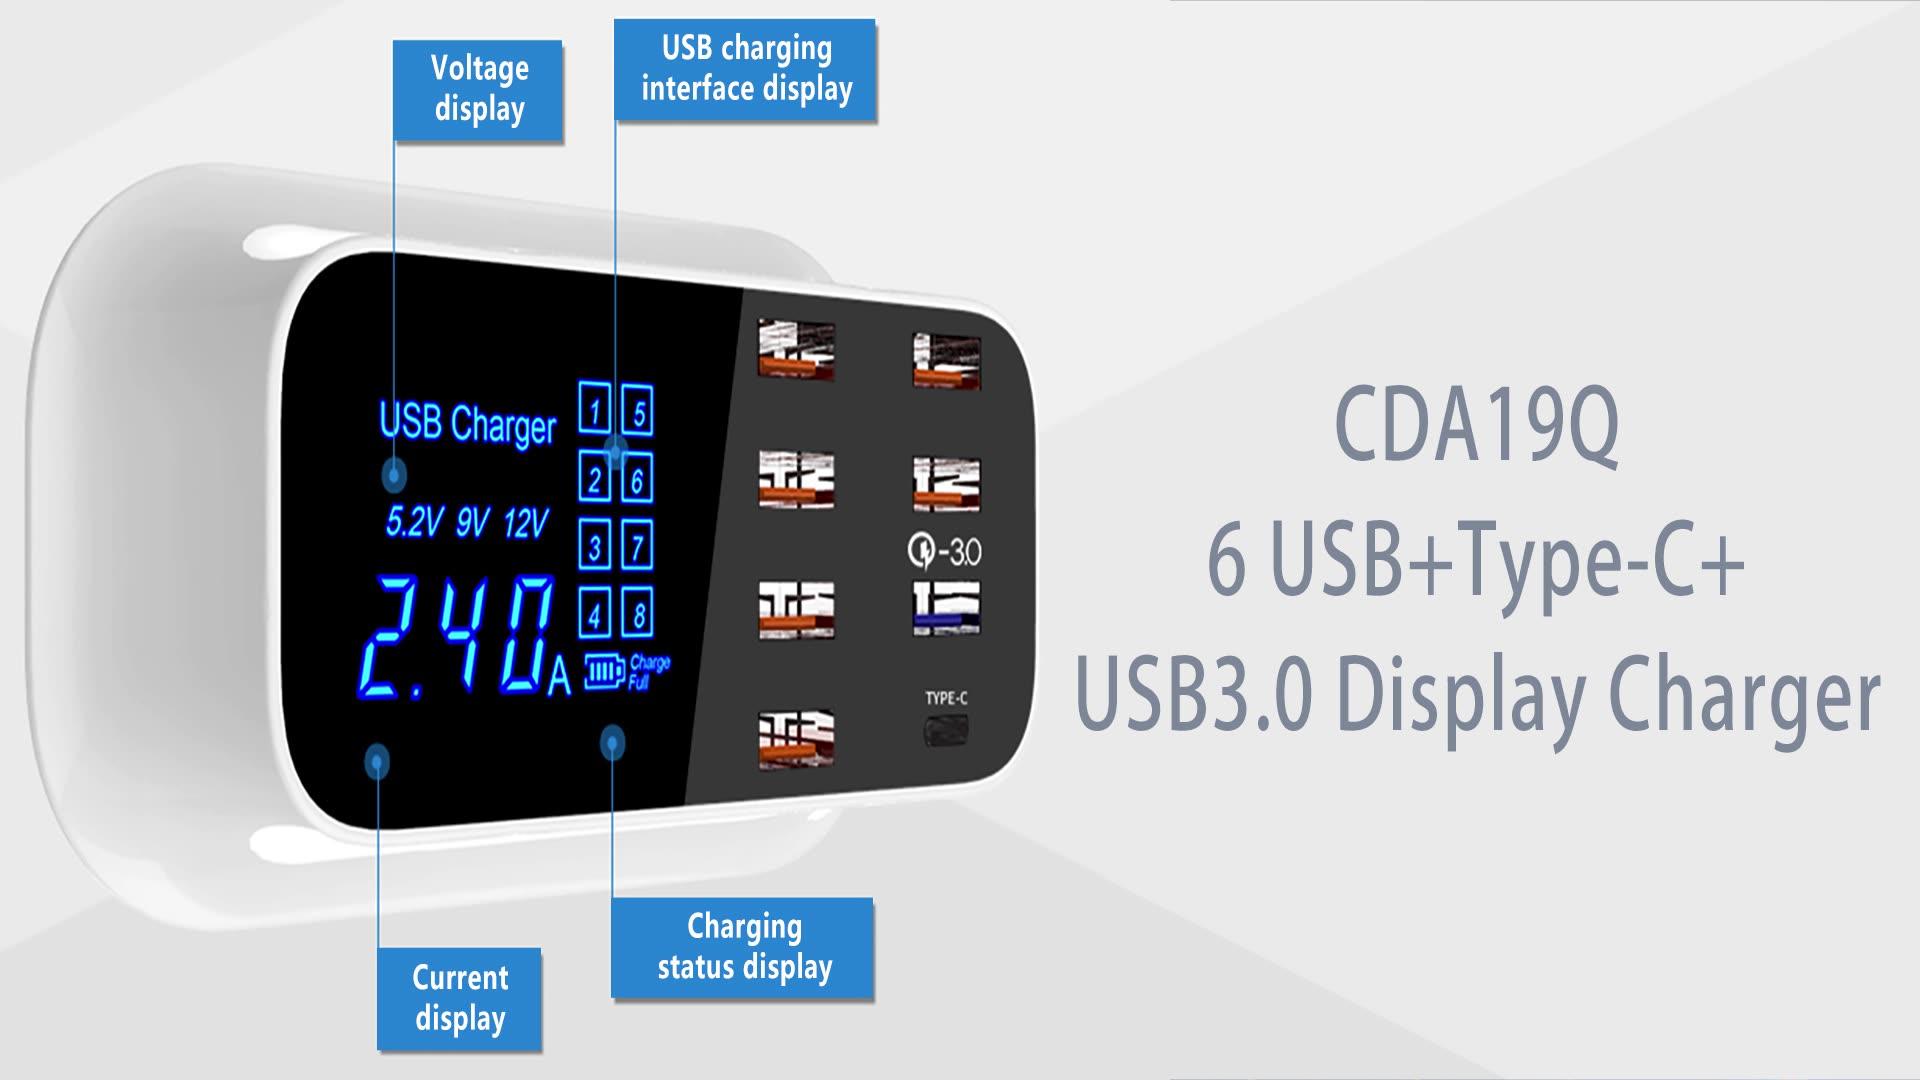 जल्दी चार्ज 3.0 स्मार्ट यूएसबी प्रकार सी चार्जर स्टेशन एलईडी प्रदर्शन तेजी से चार्ज पावर एडाप्टर डेस्कटॉप पट्टी मोबाइल फोन यूएसबी चार्जर